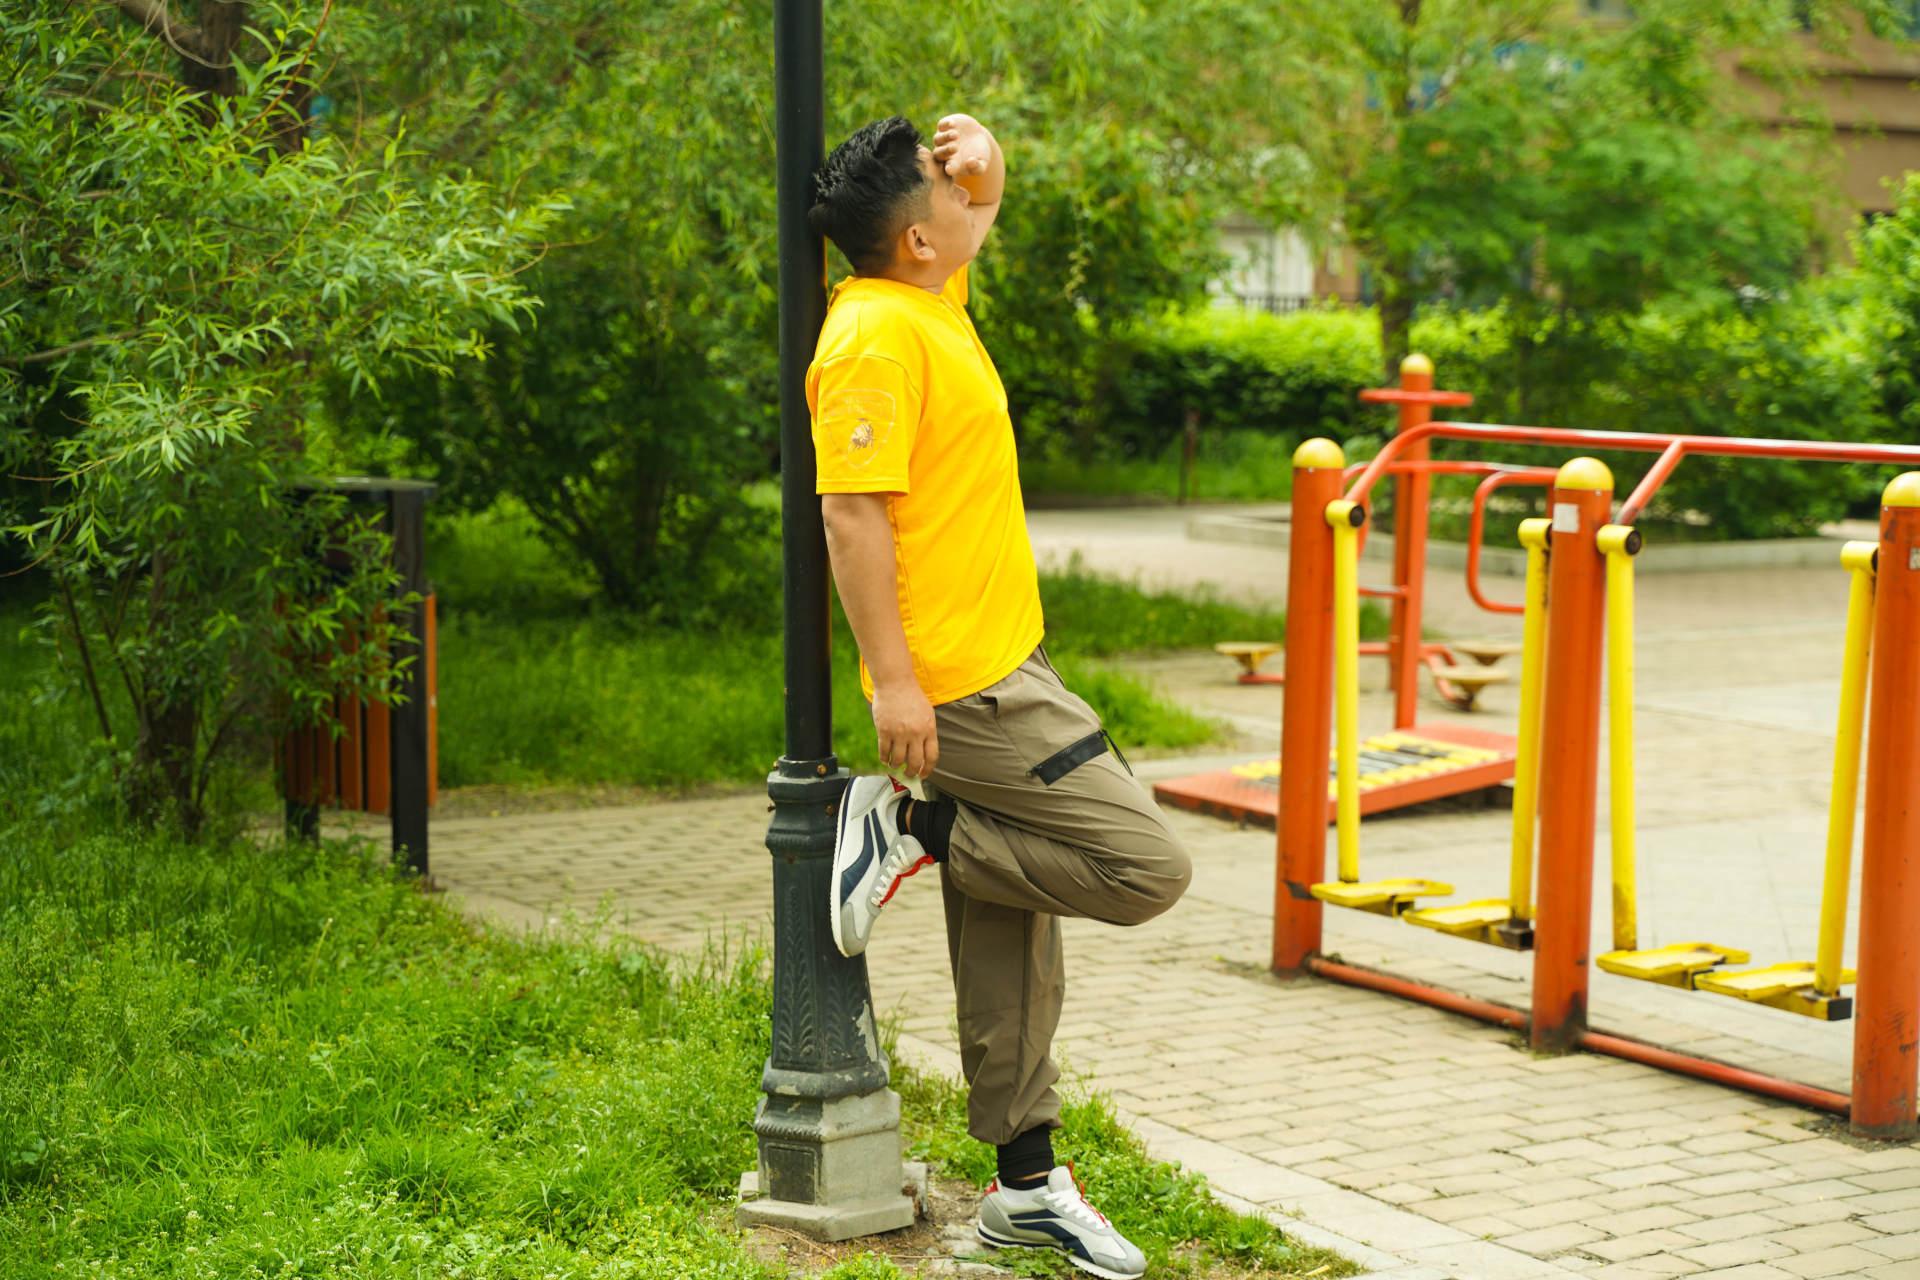 夏天怕晒黑,穿裤子还嫌热?fooxmet风谜吸湿速干休闲裤能解决